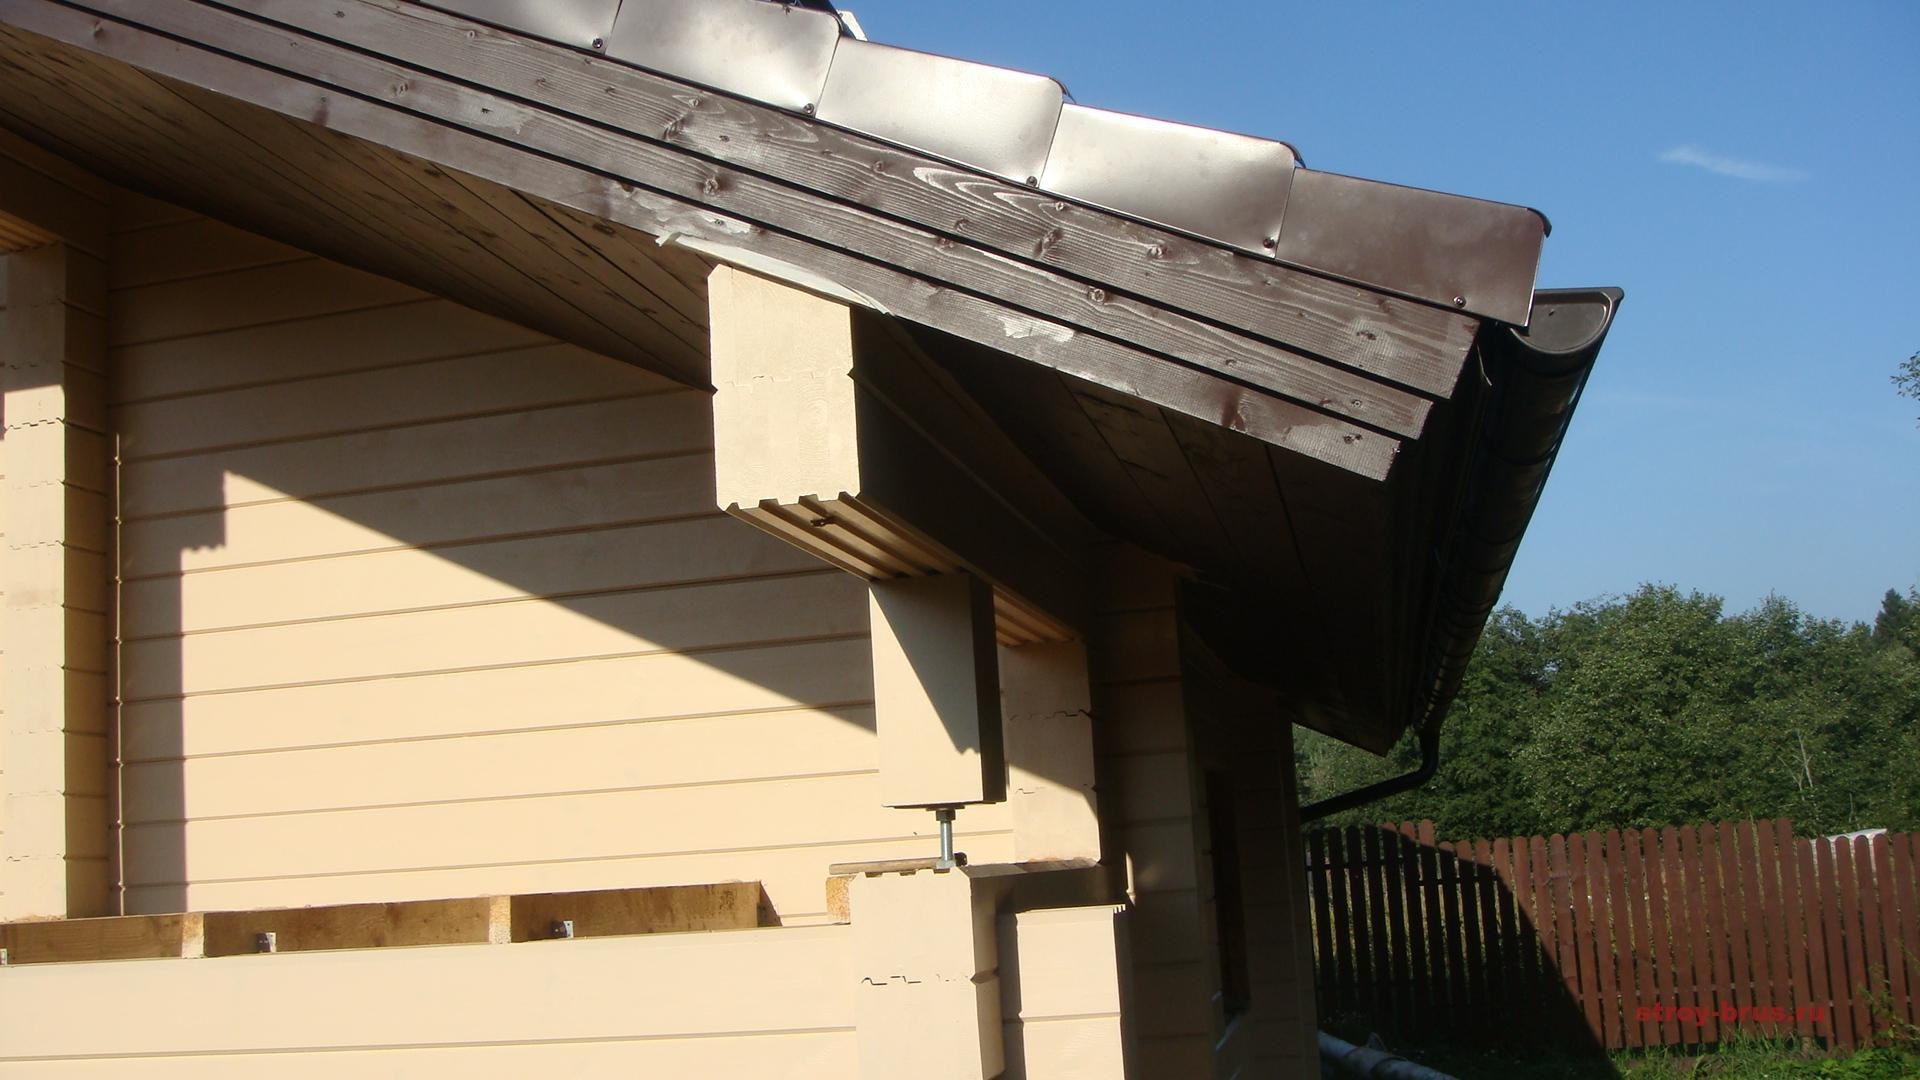 Подшивка карнизов крыши: инструкция, материалы, инструменты 20